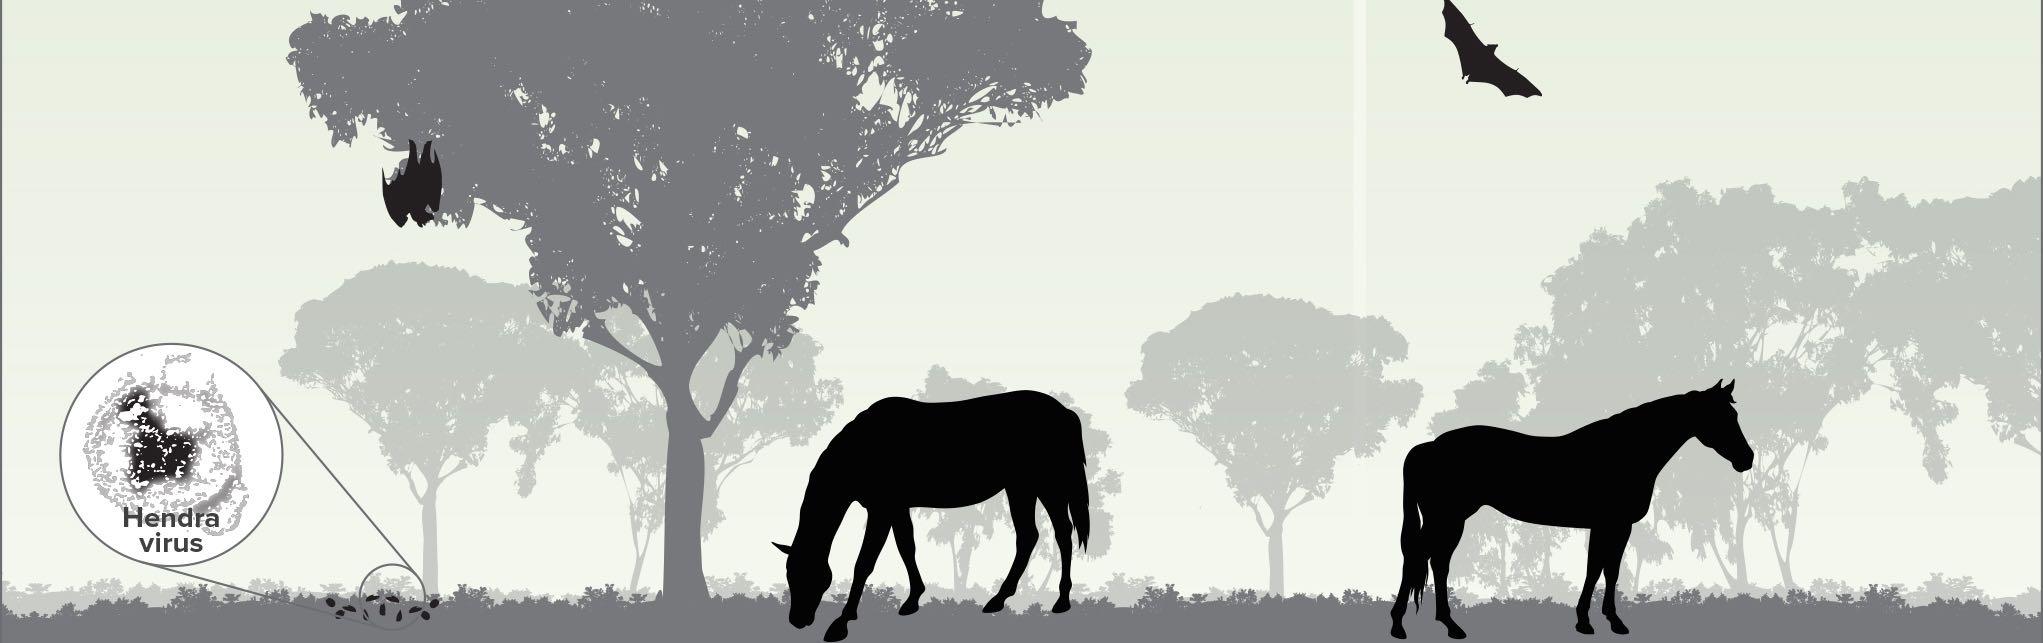 HorseRiskFactors woTEXT2.jpg